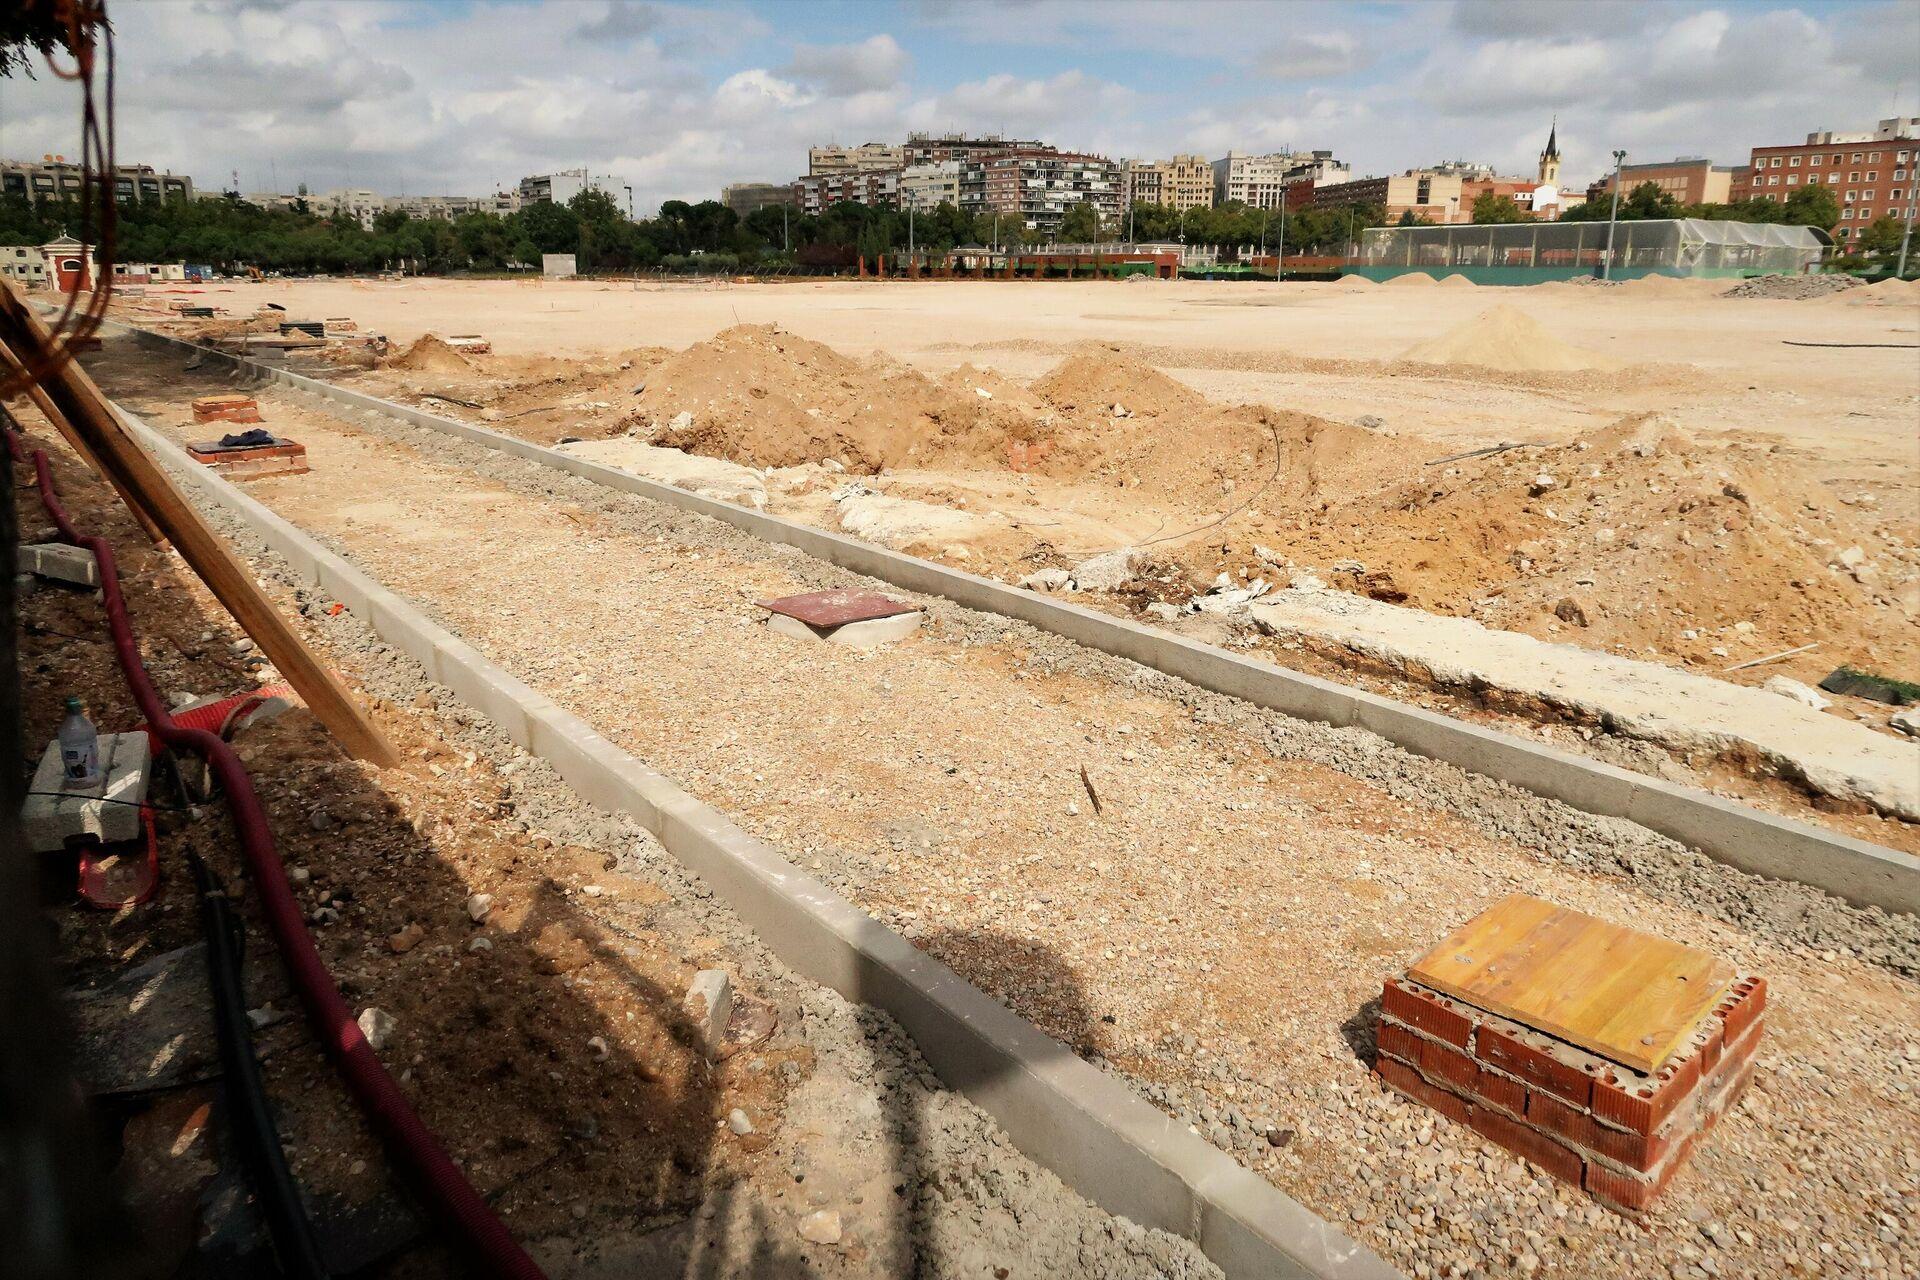 Obras para el nuevo proyecto en el terreno de Chamberí, en Madrid, donde se construyó el campo de golf - Sputnik Mundo, 1920, 29.09.2021